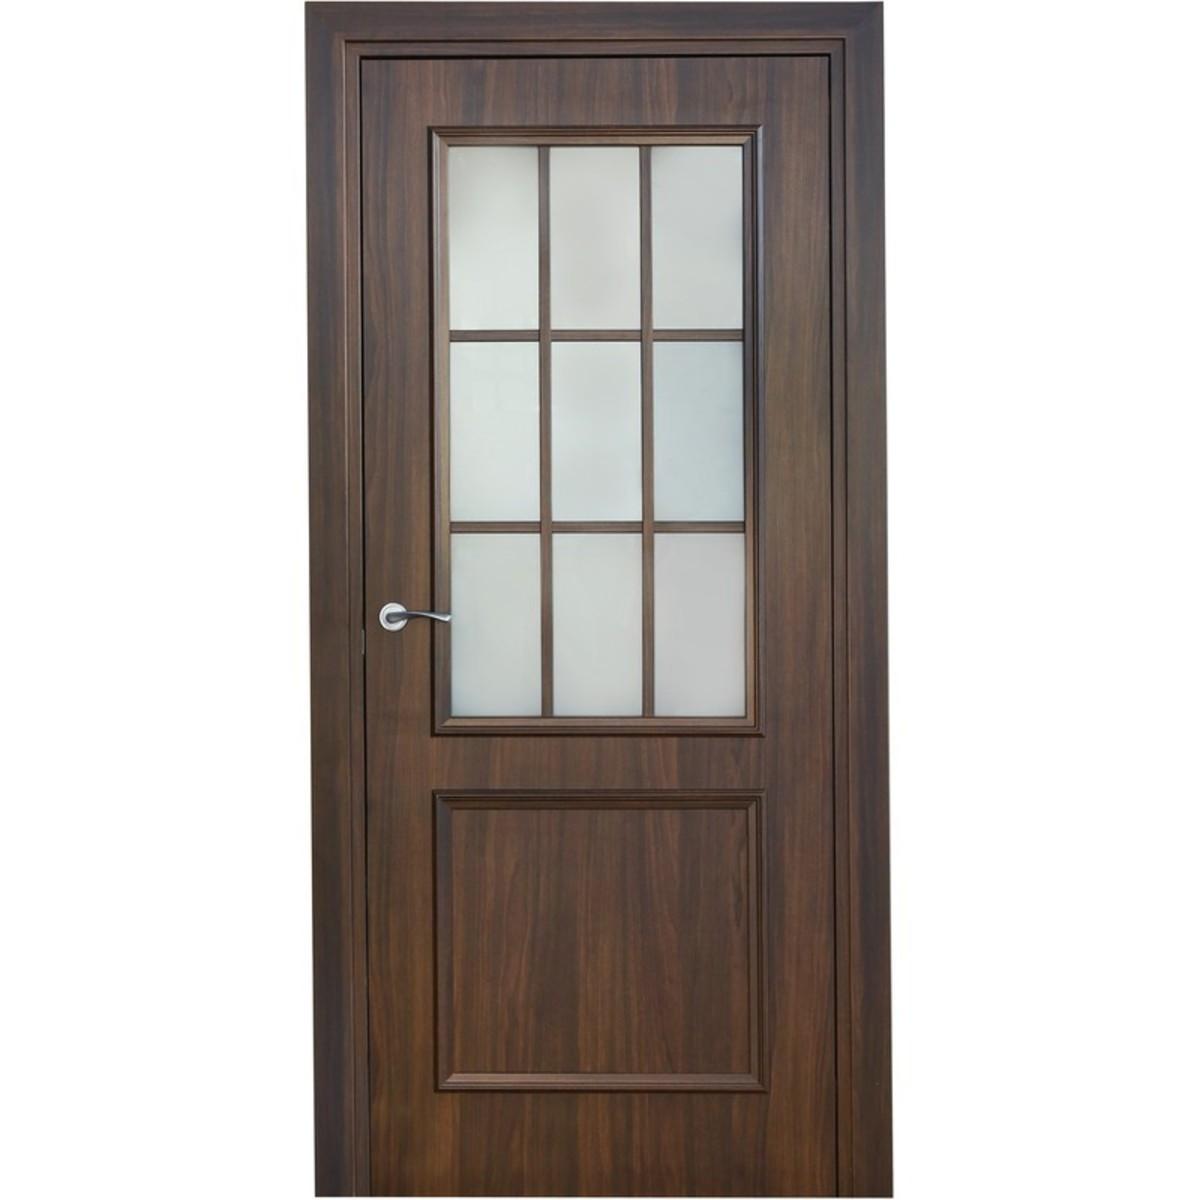 Дверь межкомнатная остеклённая Altro 90x200 см ламинация цвет орех марроне